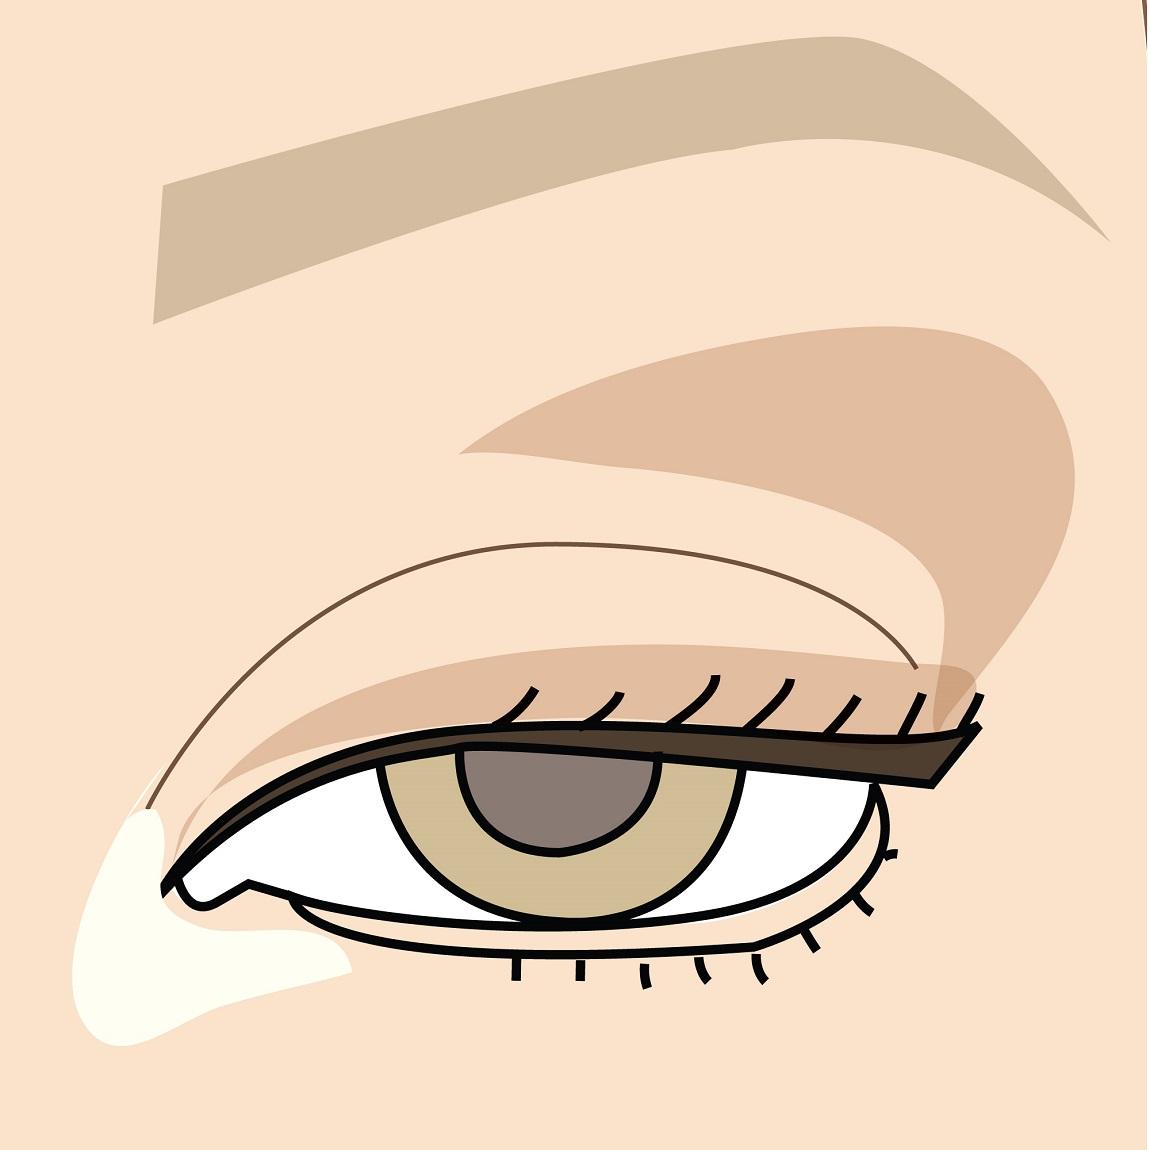 come si realizza il contouring degli occhi all'ingiù